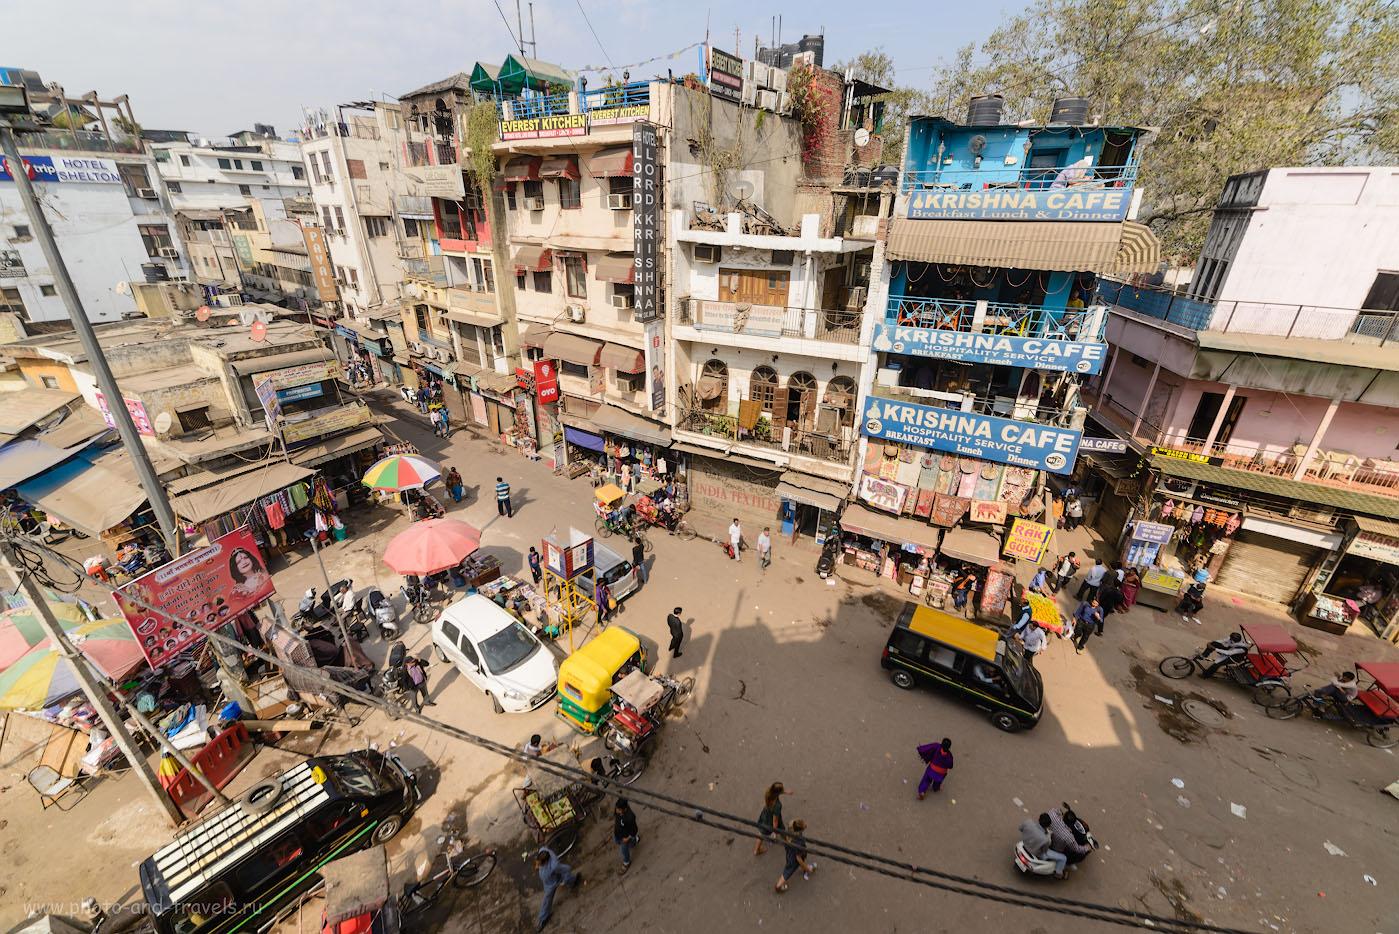 Фото 1. Вид на улицу Мэйн-Базар в Дели. Отзывы туристов о самостоятельном путешествии по Индии. Снято на Nikon D610 + Samyang 14mm f/2.8 со следующими настройками: В=1/200 с, -0.33EV, f/8.0, ISO 100, ФР=14 мм.